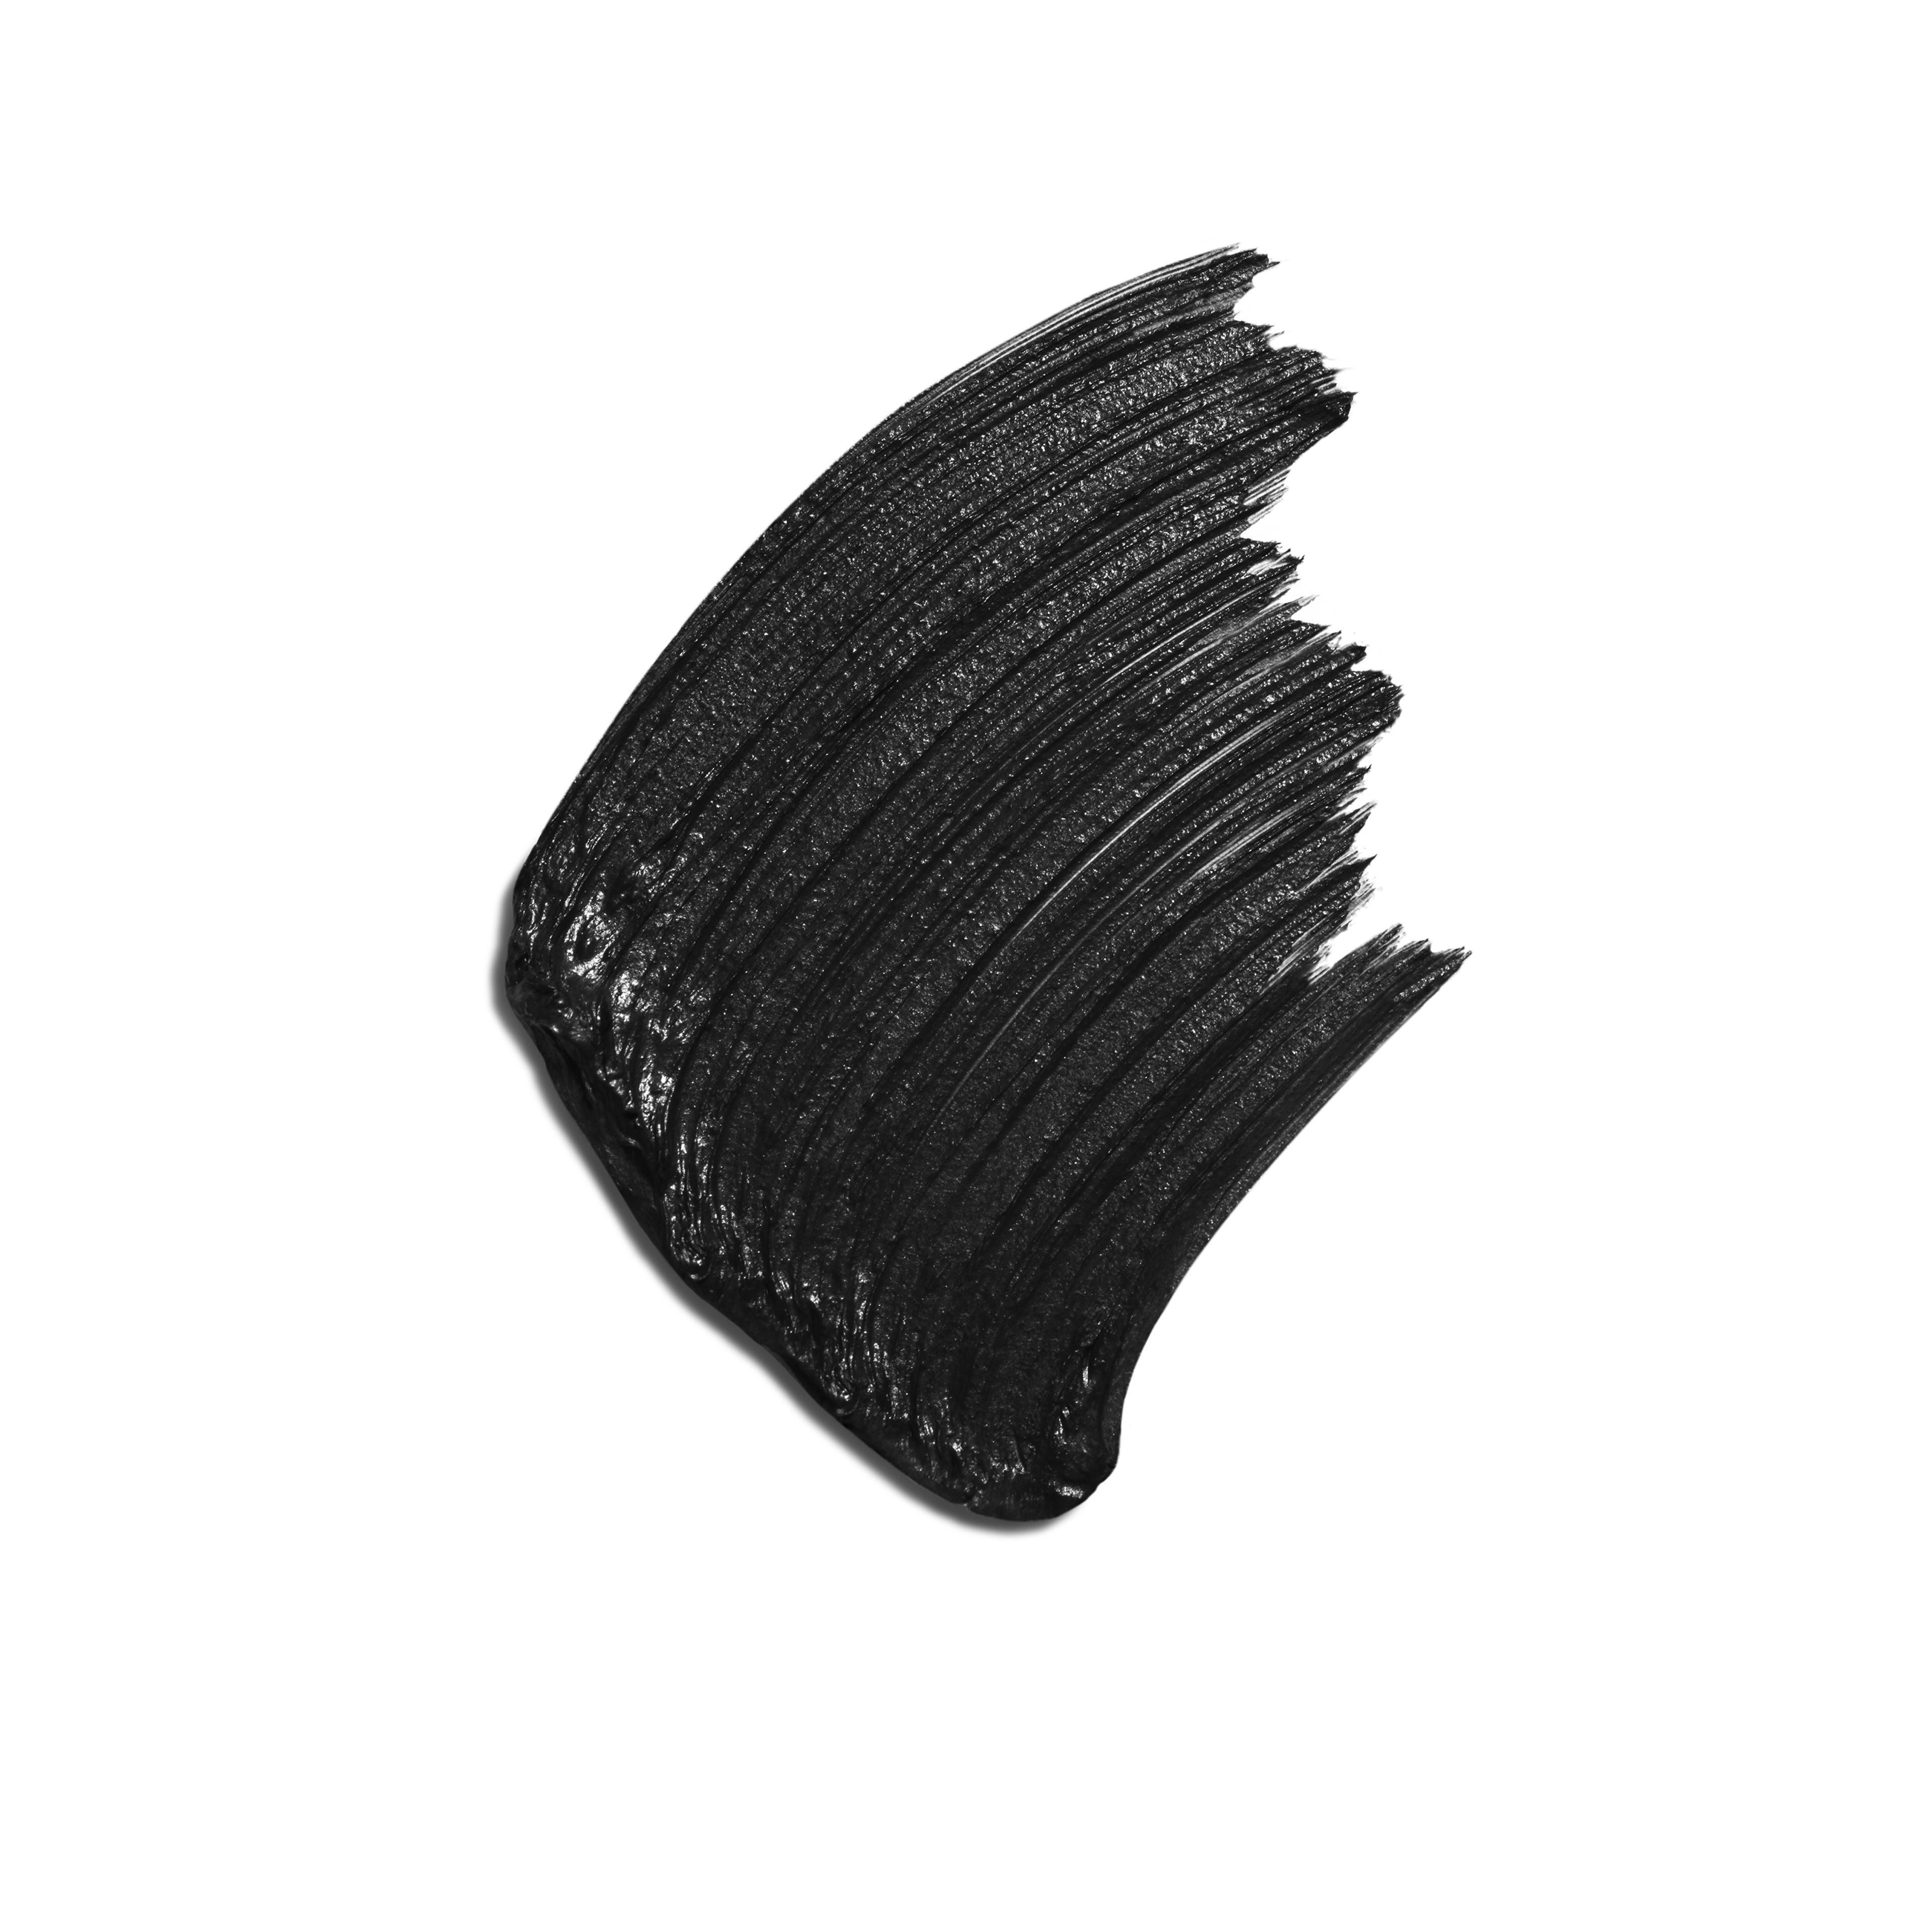 LE VOLUME DE CHANEL - makeup - 0.21OZ. - Basic texture view